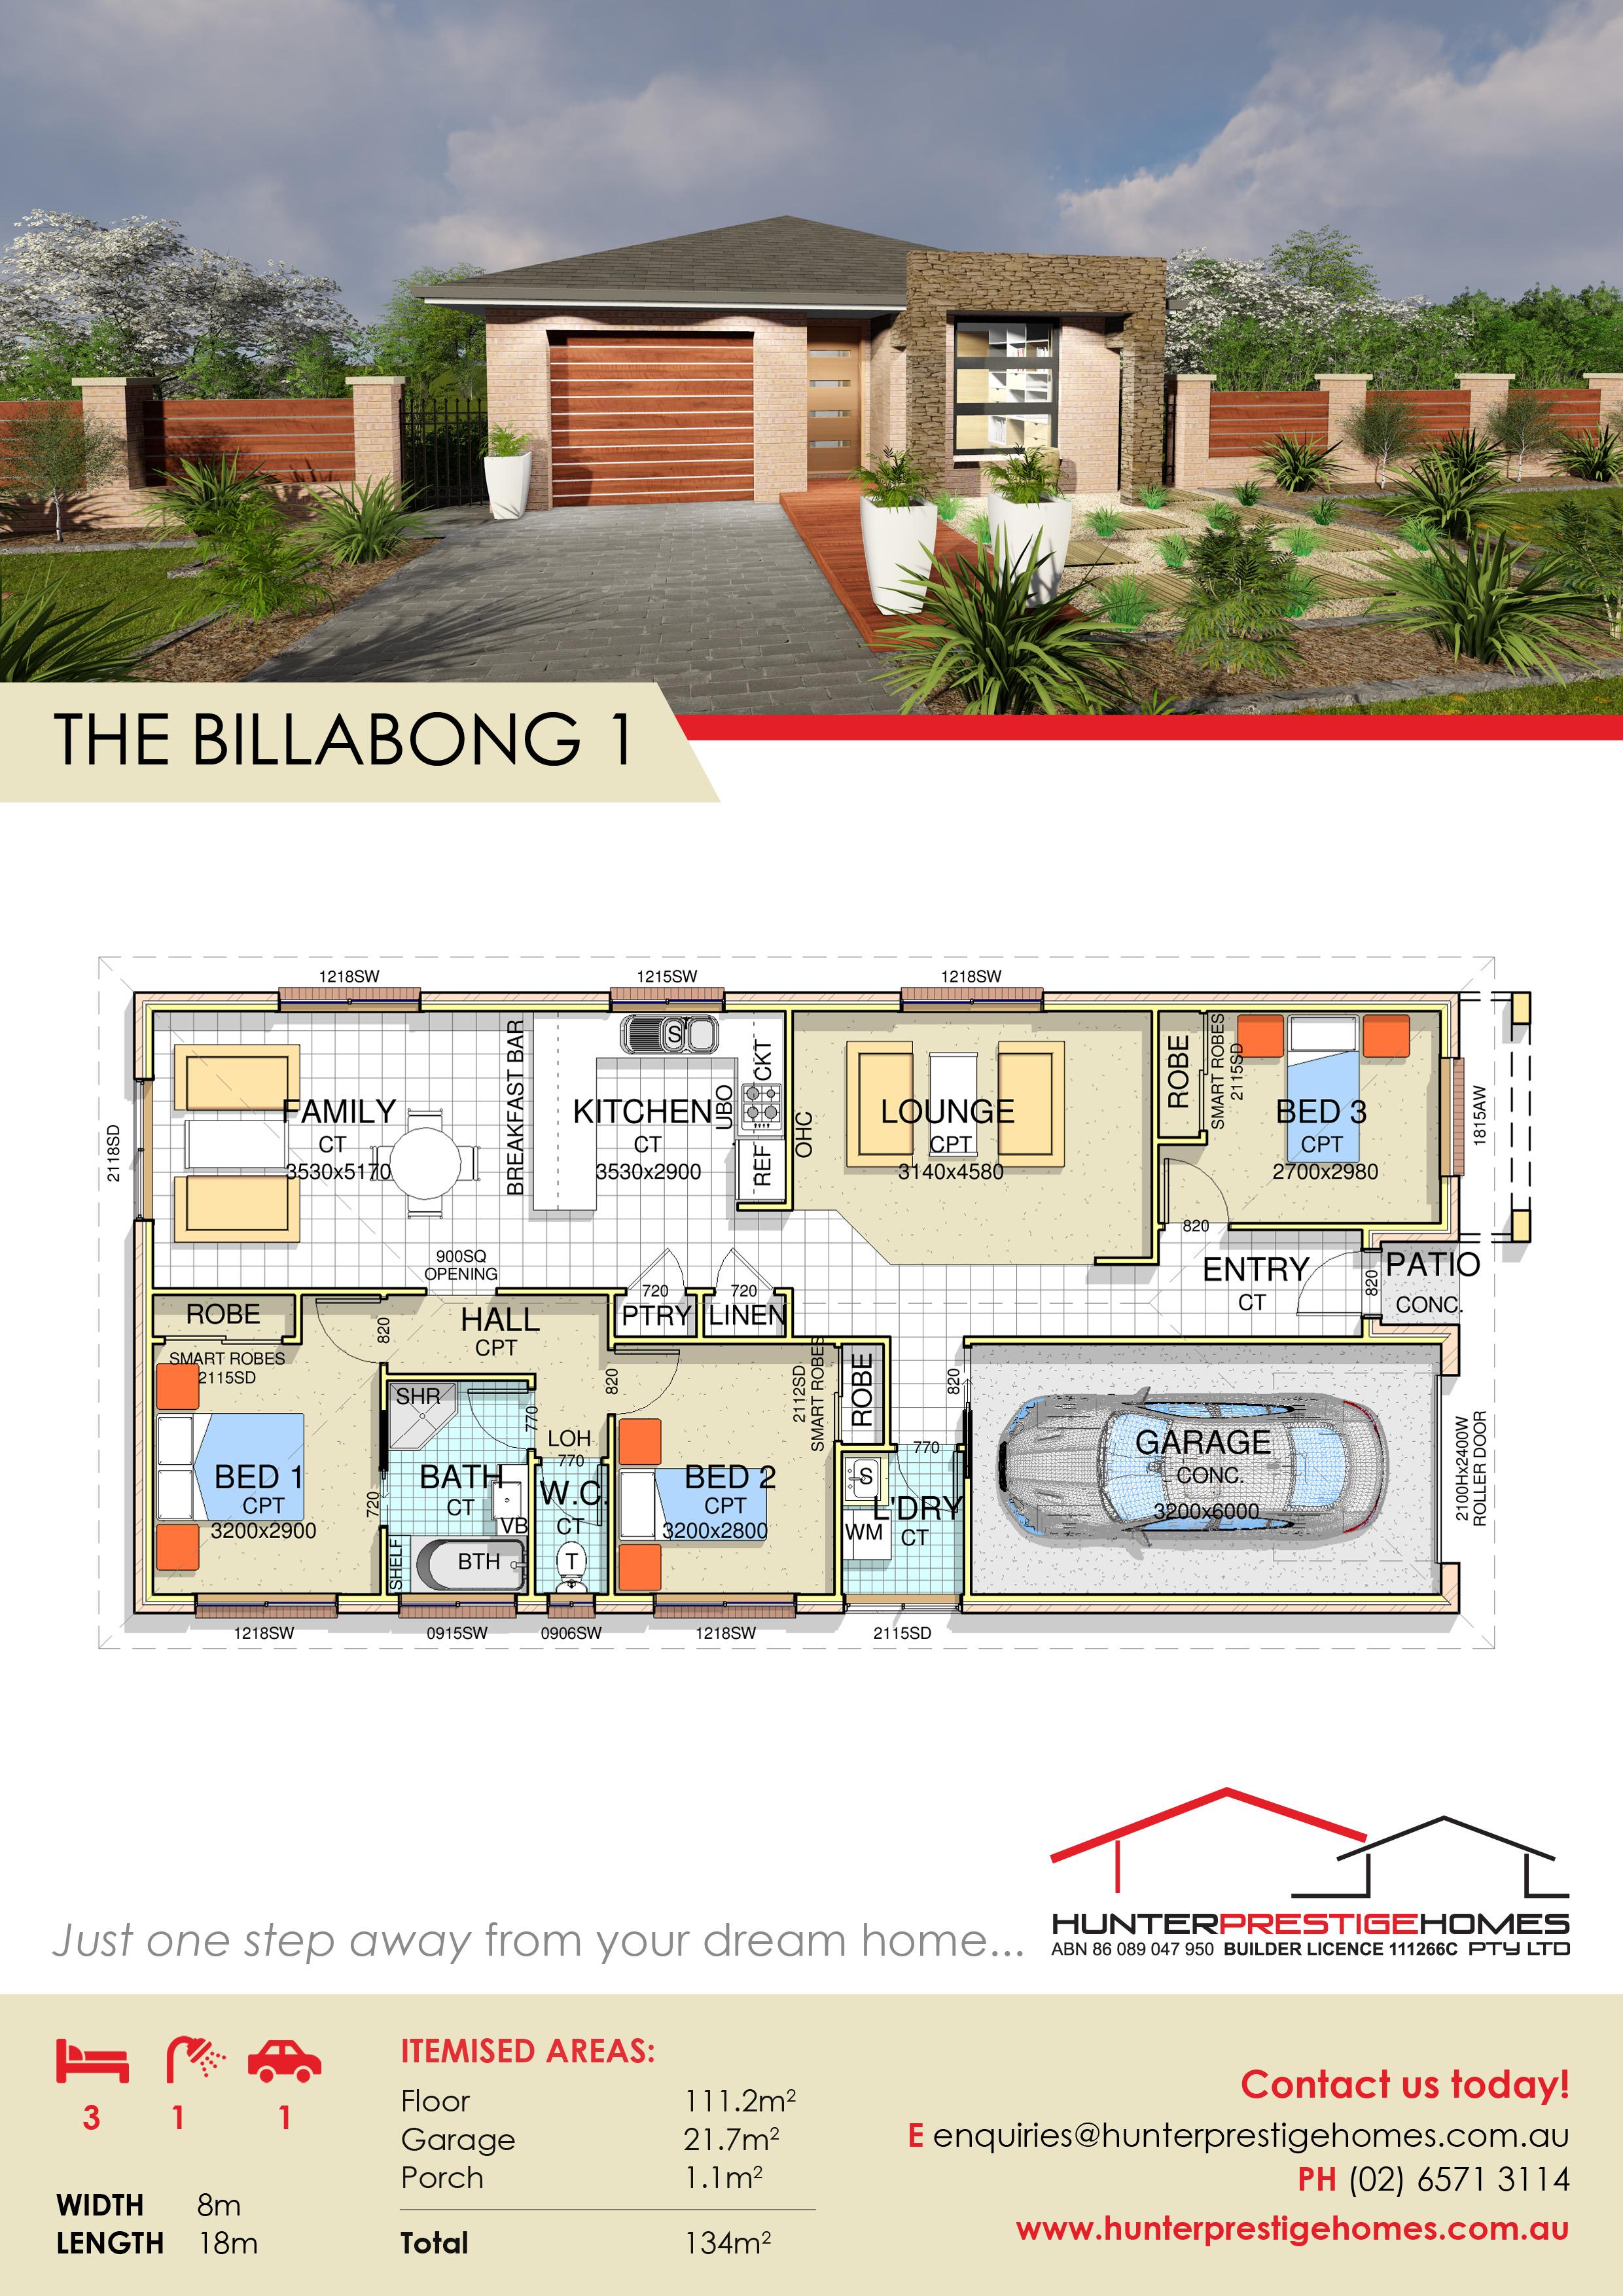 Billabong1_HPH_Brochure